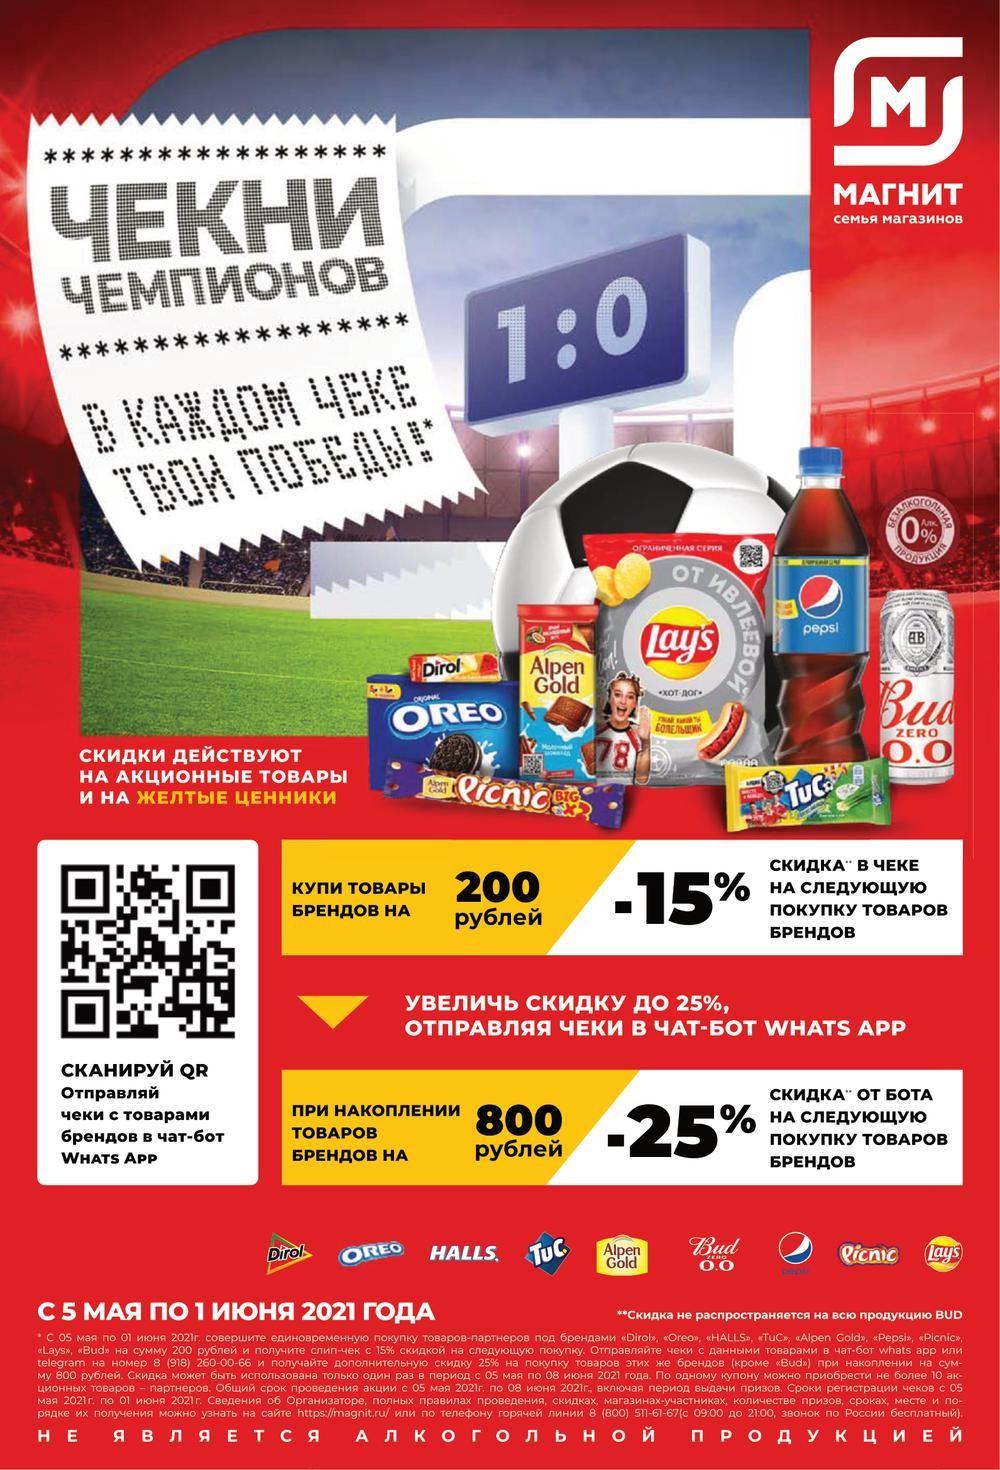 Новый каталог акций в Магните г. Петрозаводск